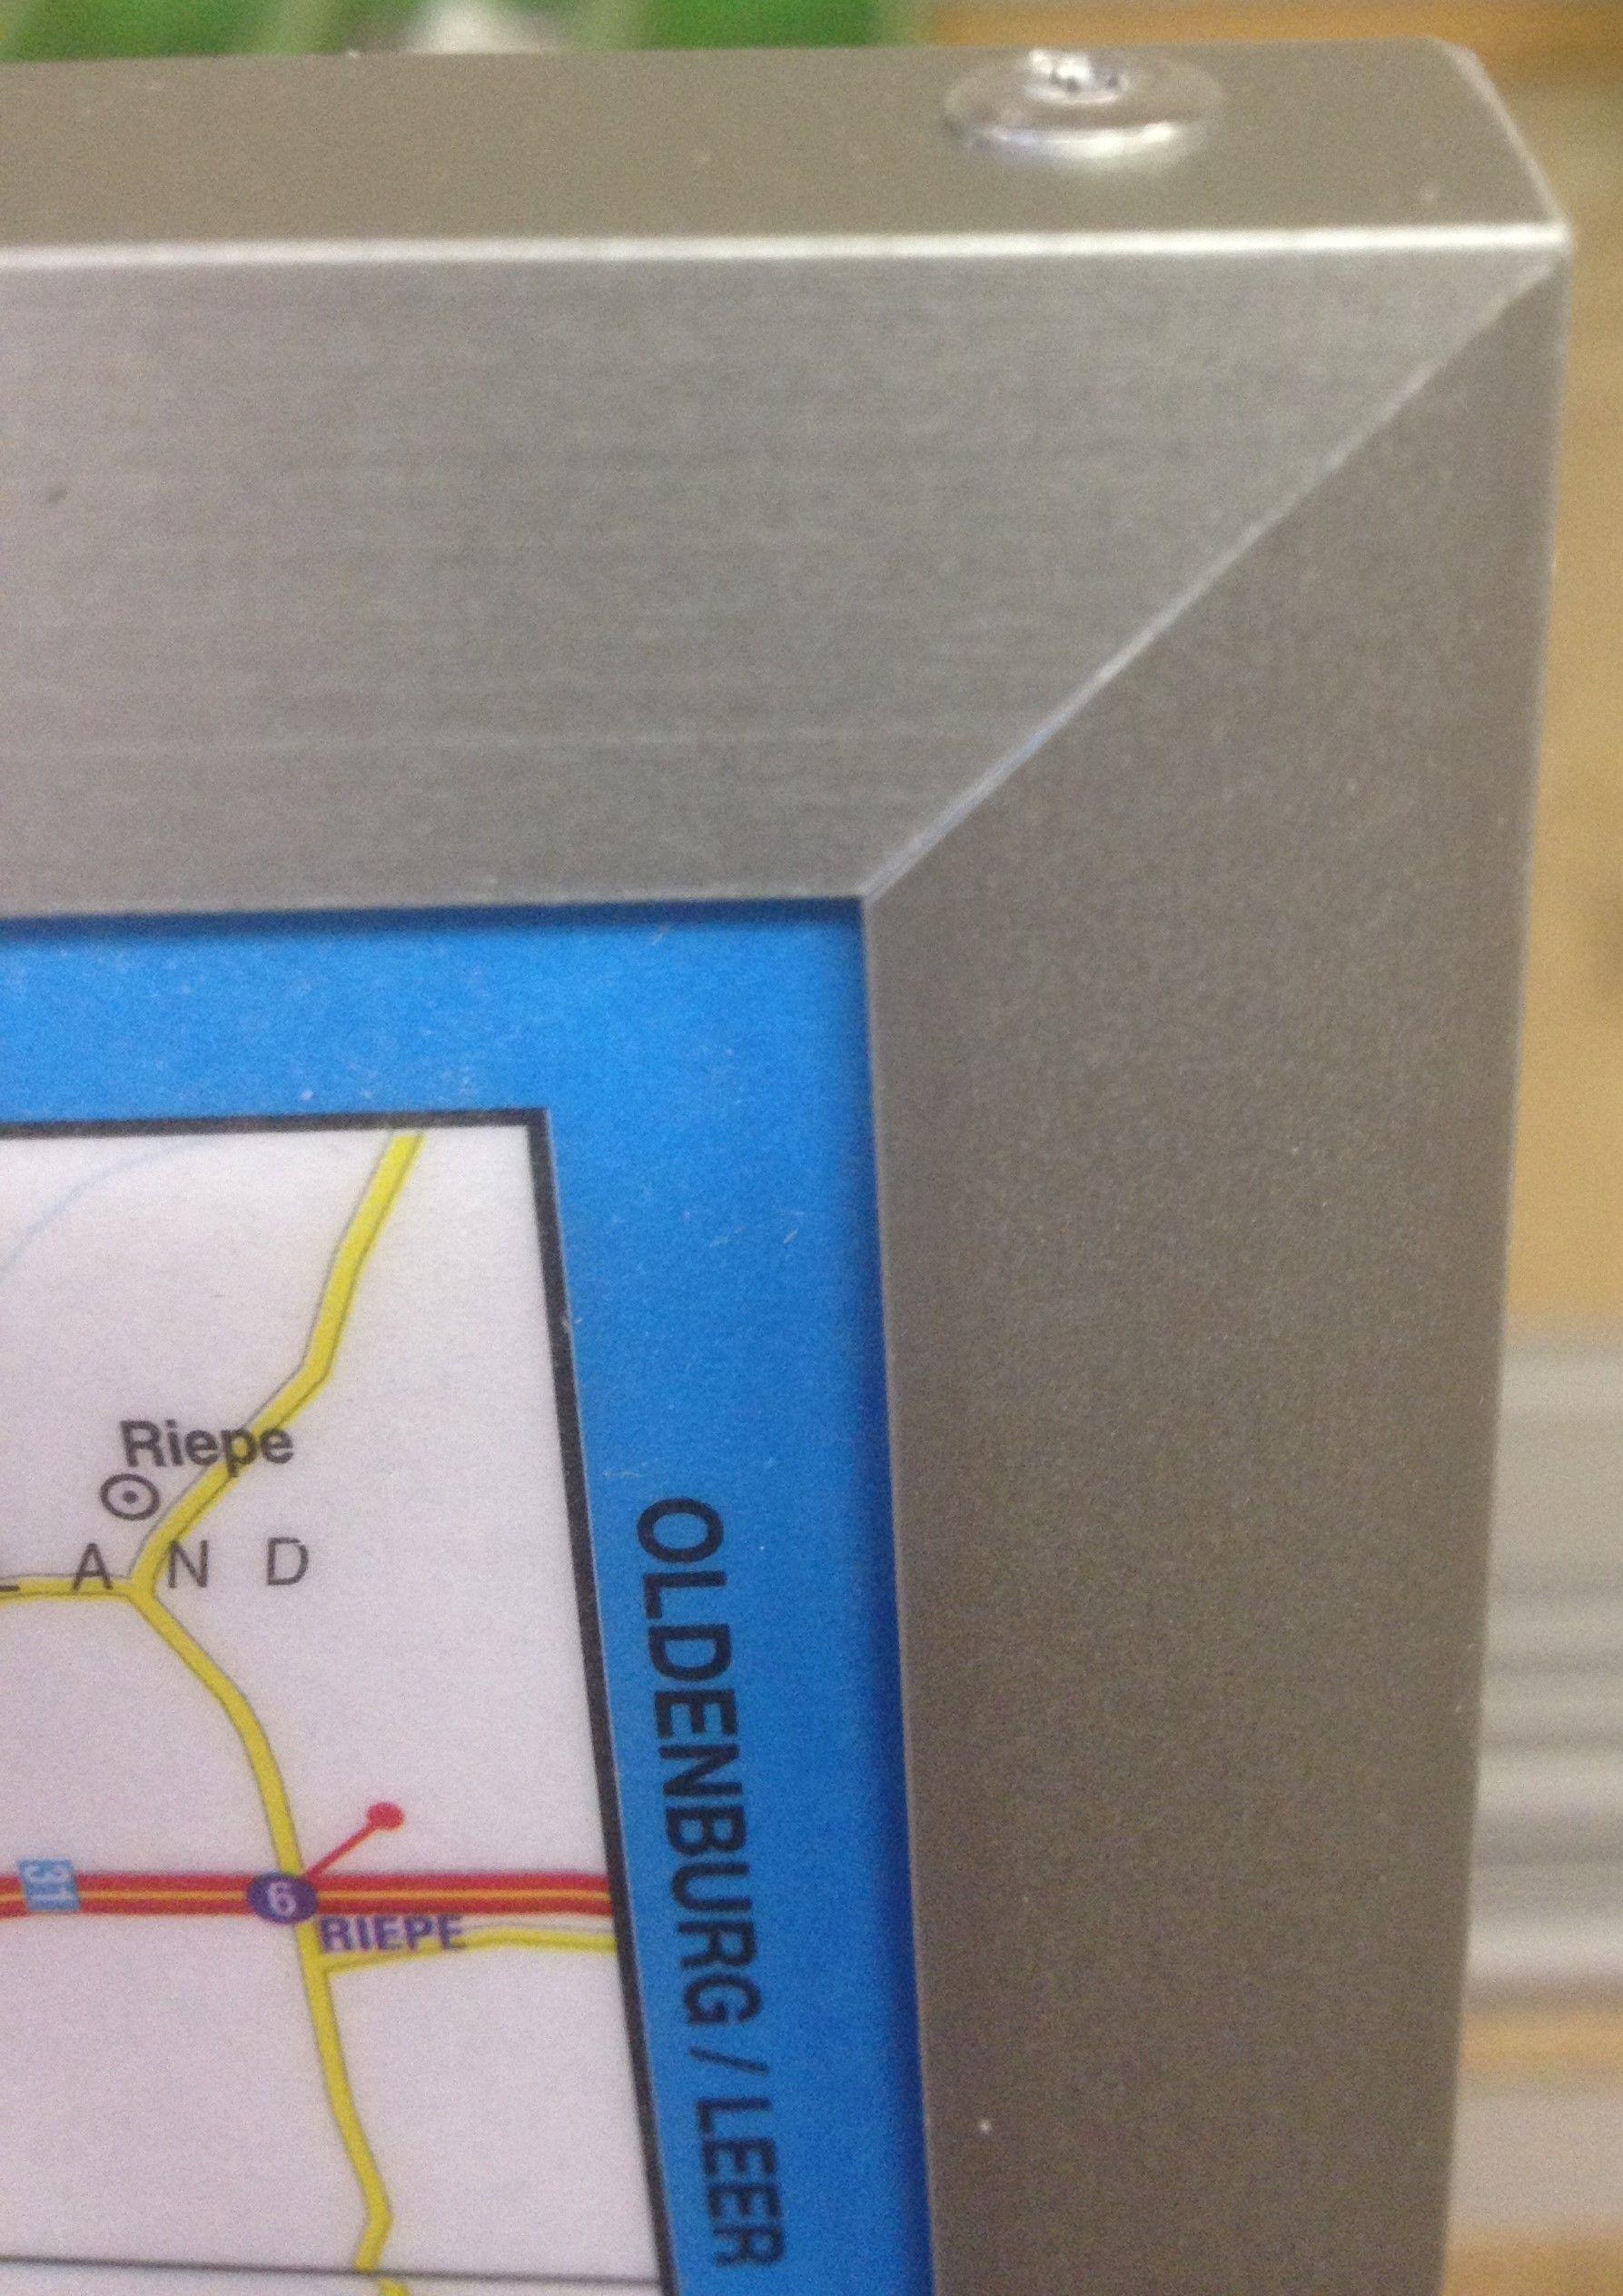 Topografische kaart schaal 1:50.000 (Goes,Tholen,Terneuzen,Hulst,Axel,Bergen op Zoom)